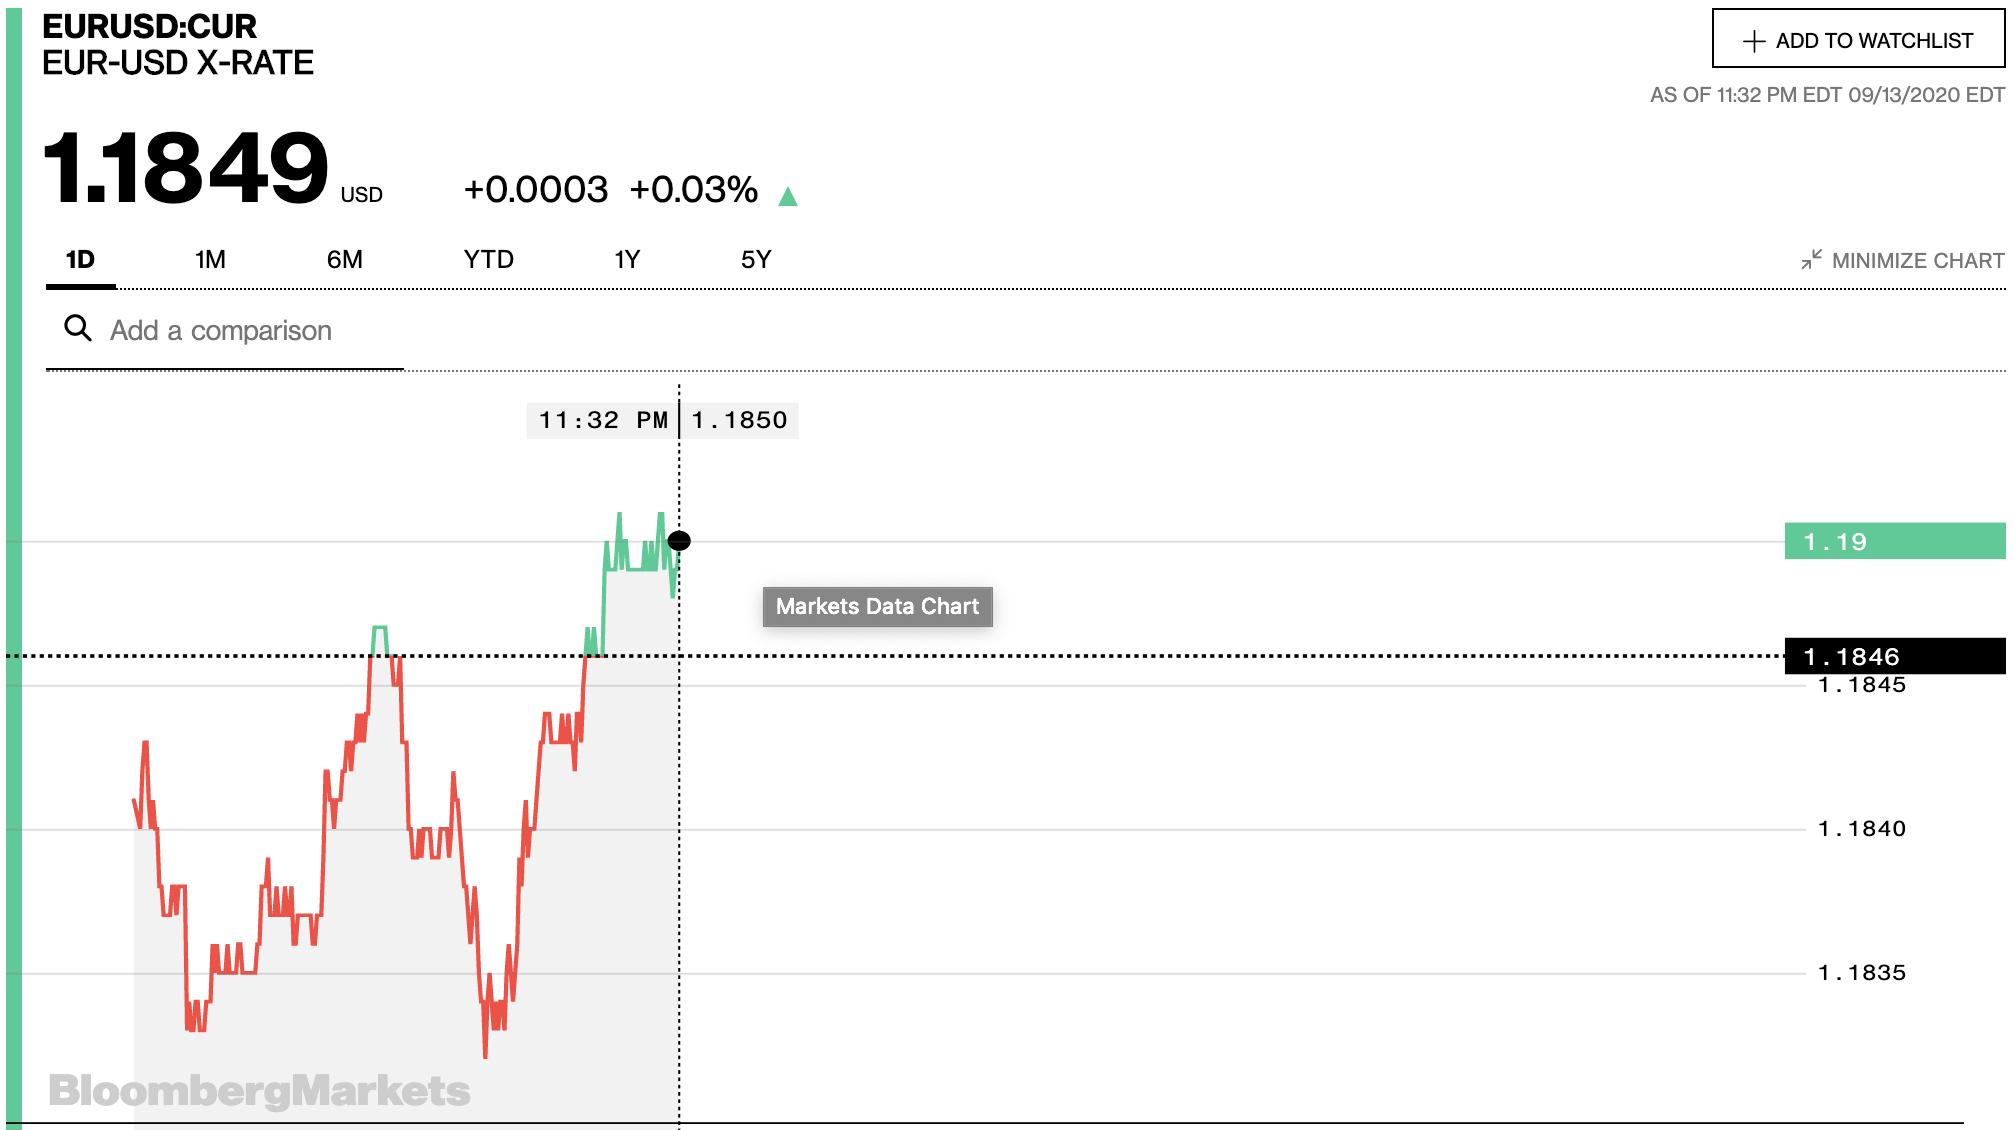 Tỷ giá euro hôm nay 14/9: Xu hướng giảm chiếm ưu thế tại các ngân hàng ngày đầu tuần - Ảnh 2.